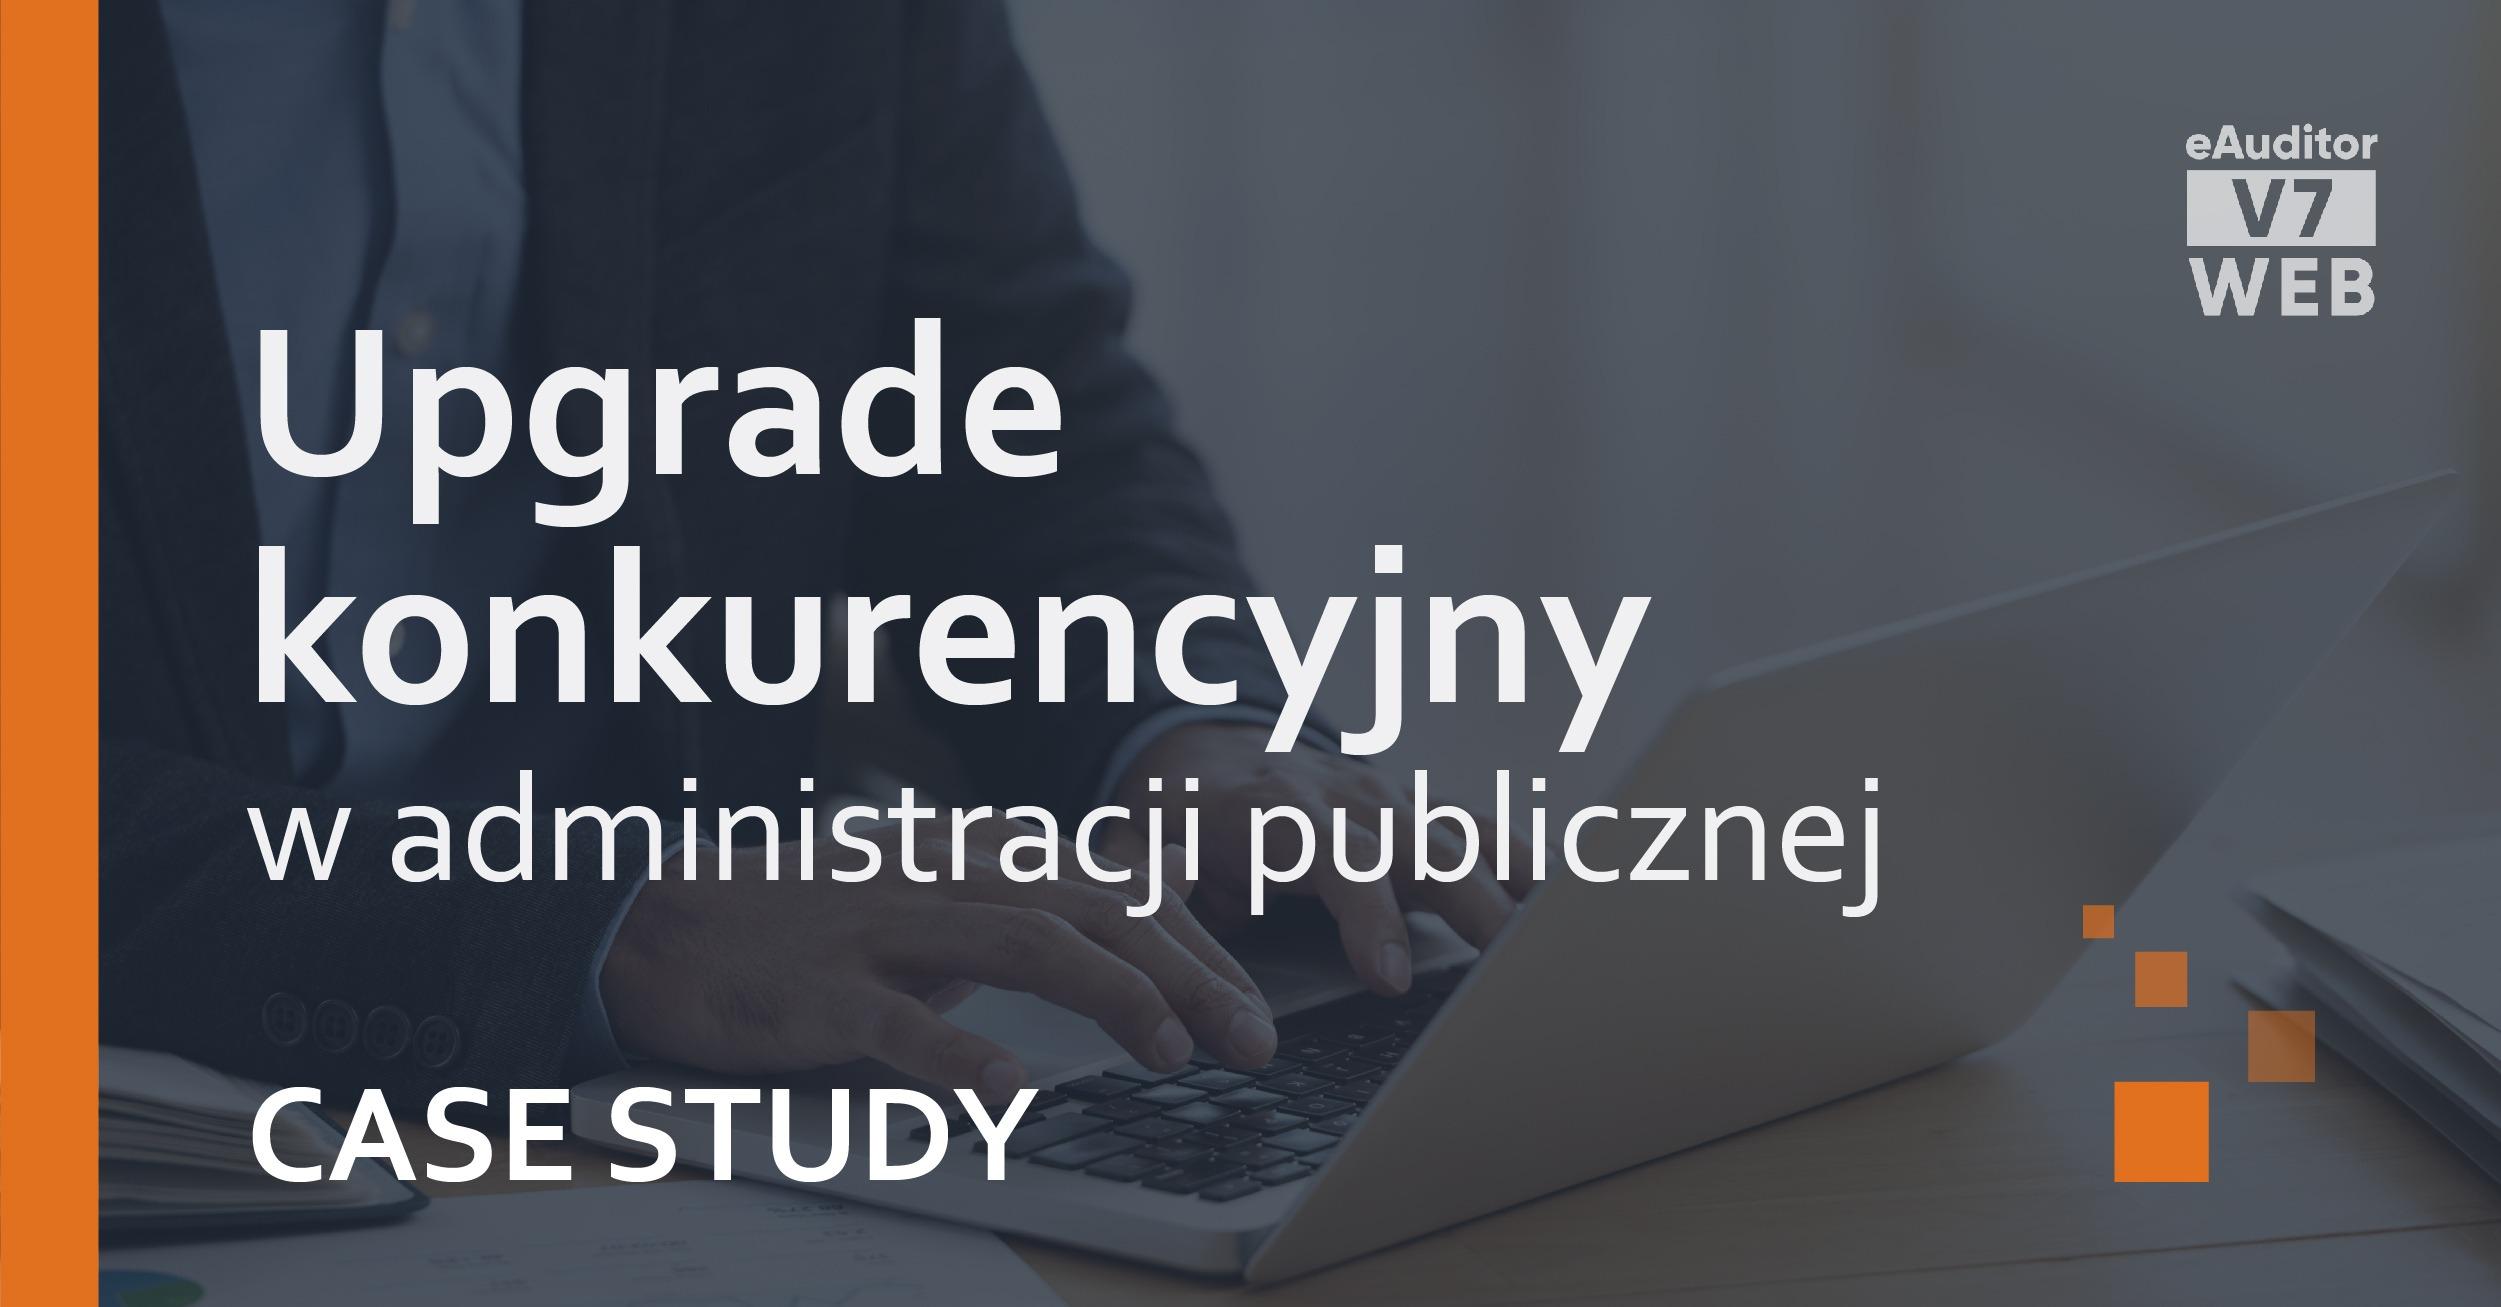 eAuditor Case Study Upgrade konkurencyjny w administracji publicznej